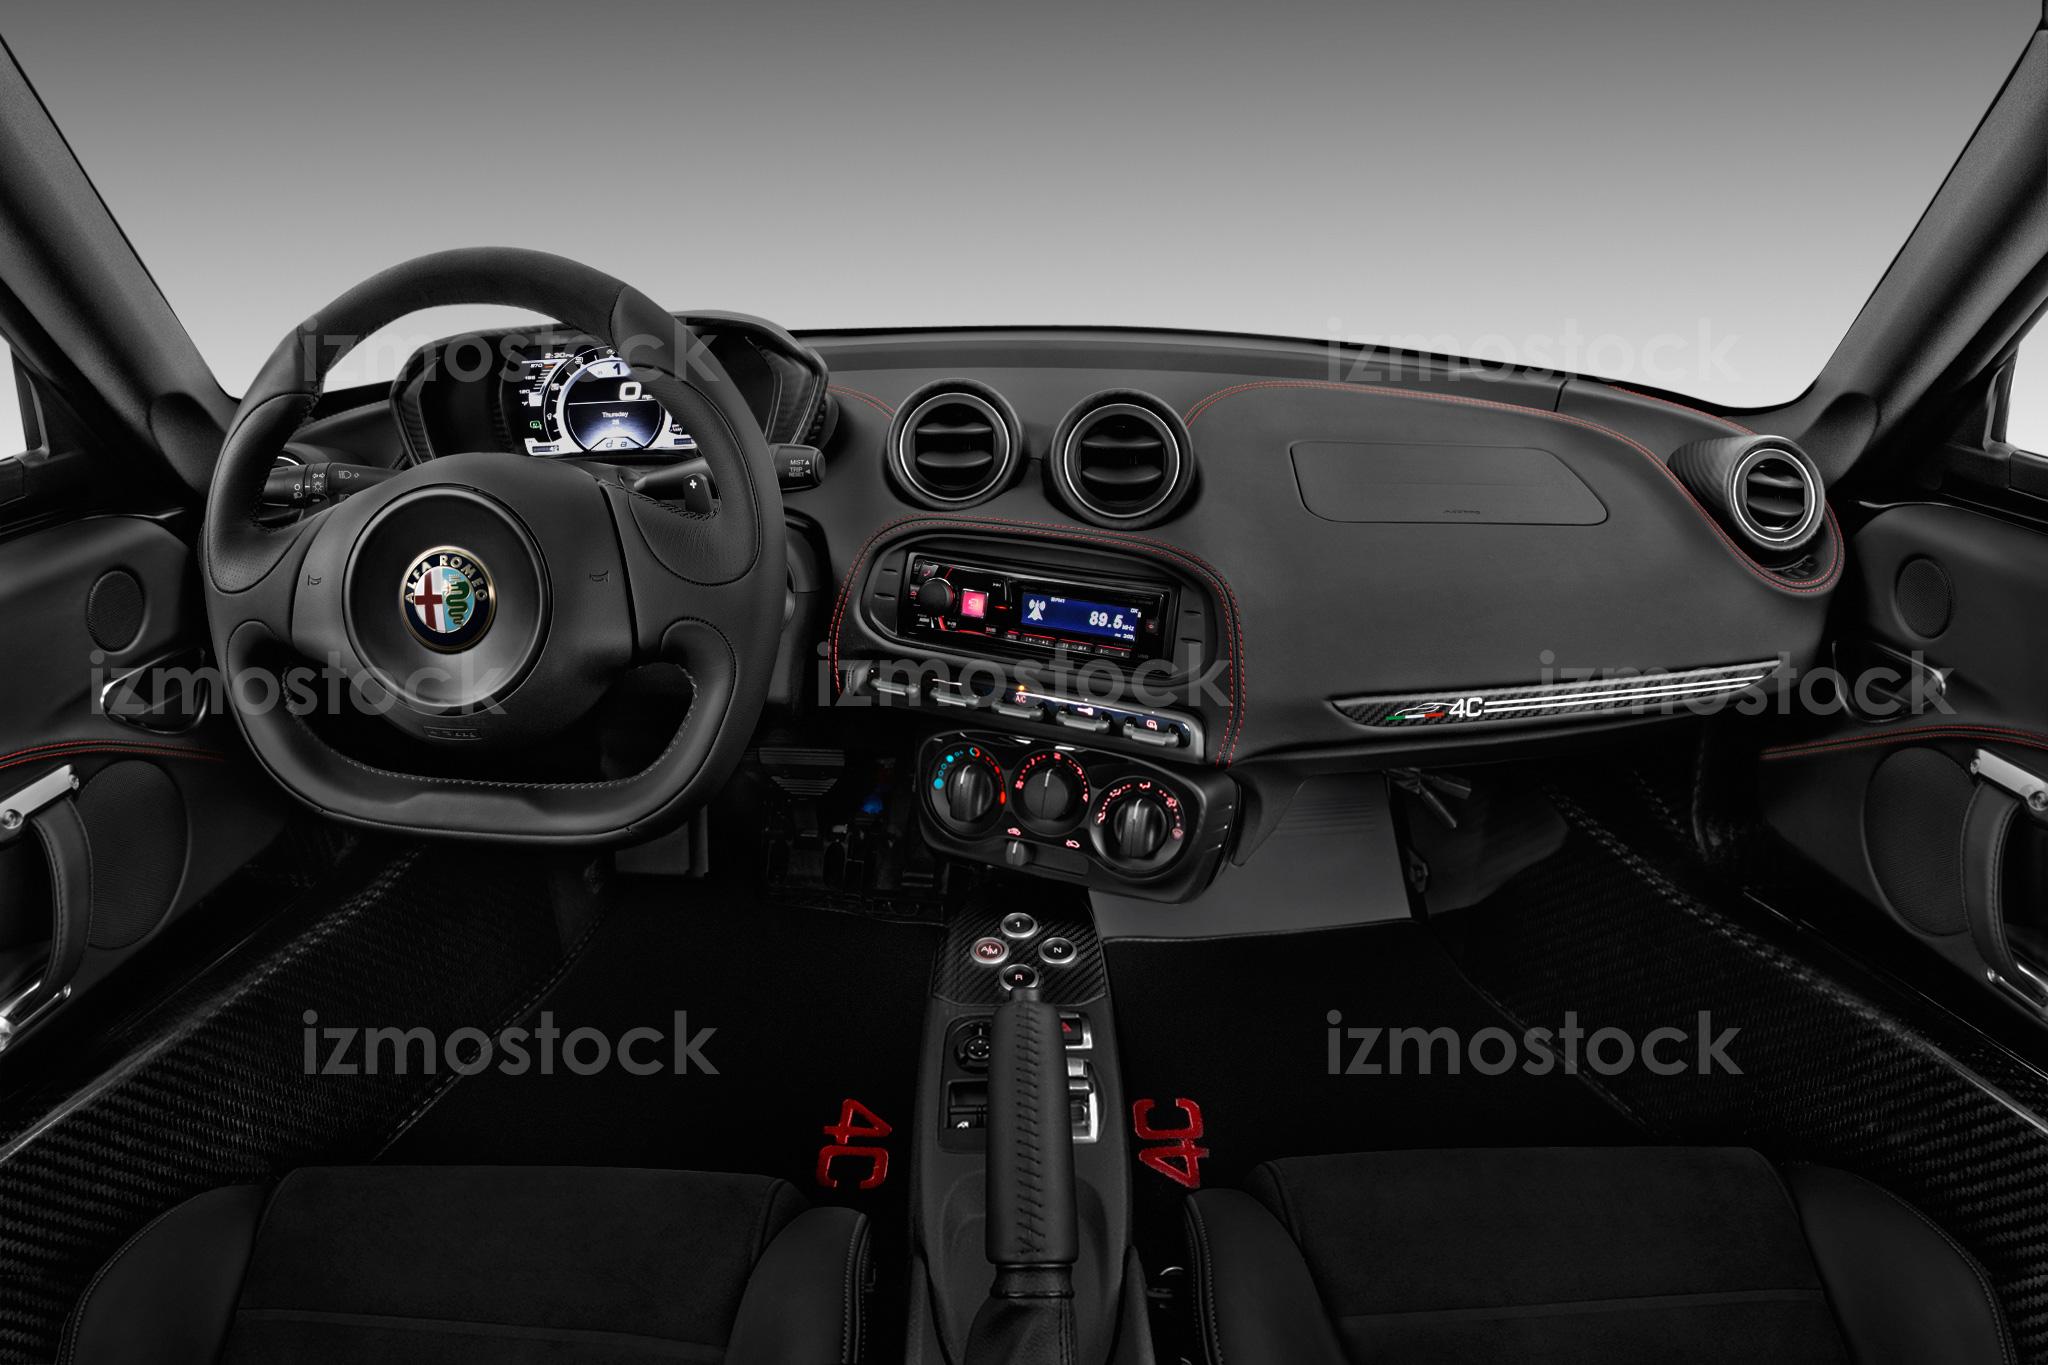 Alfa romeo giulia engine noise 17